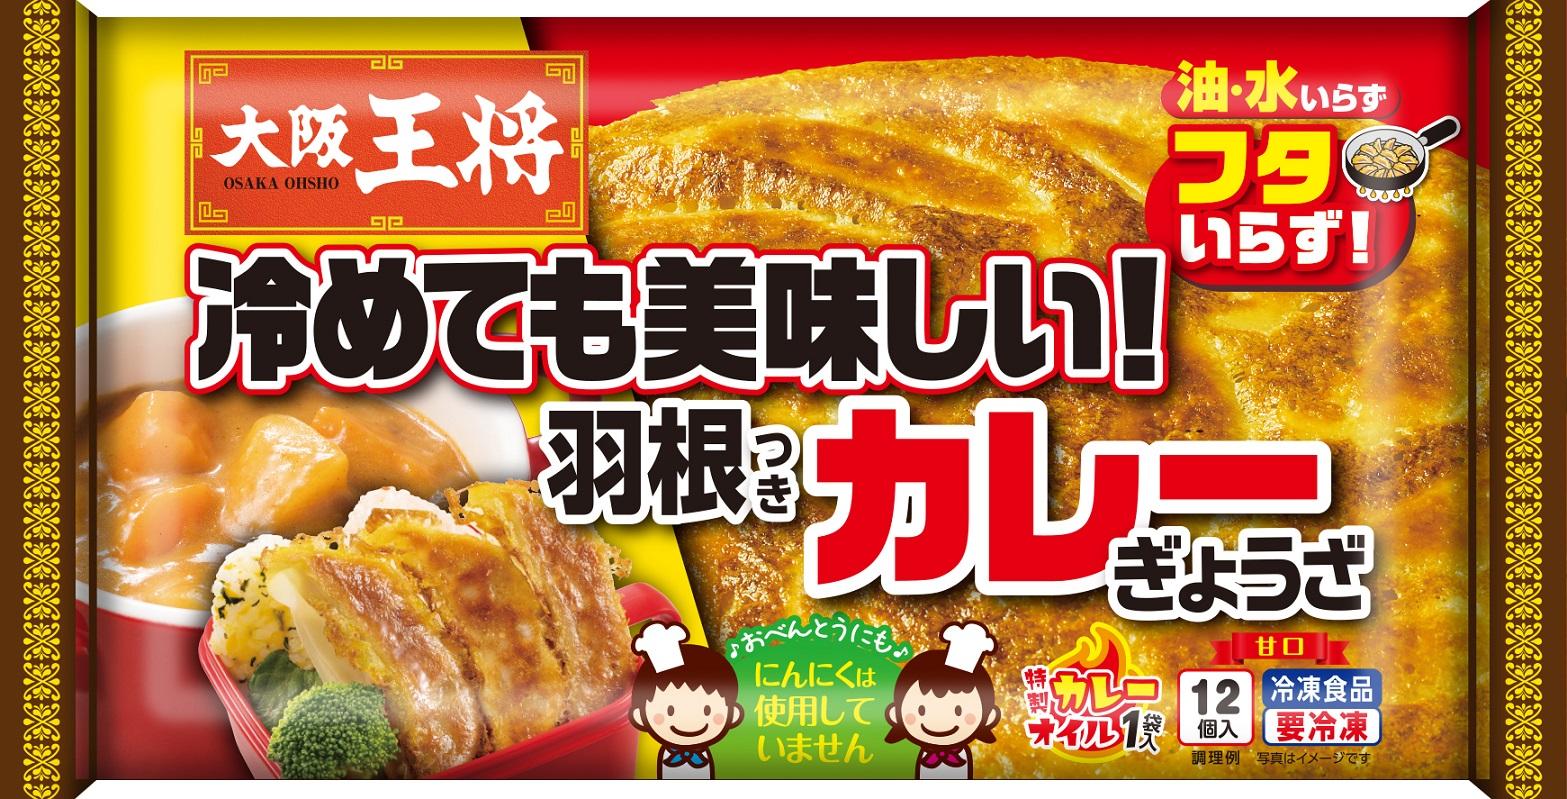 冷めても美味しい!お弁当にも使ってほしい「カレーぎょうざ」大阪王将が開発しました